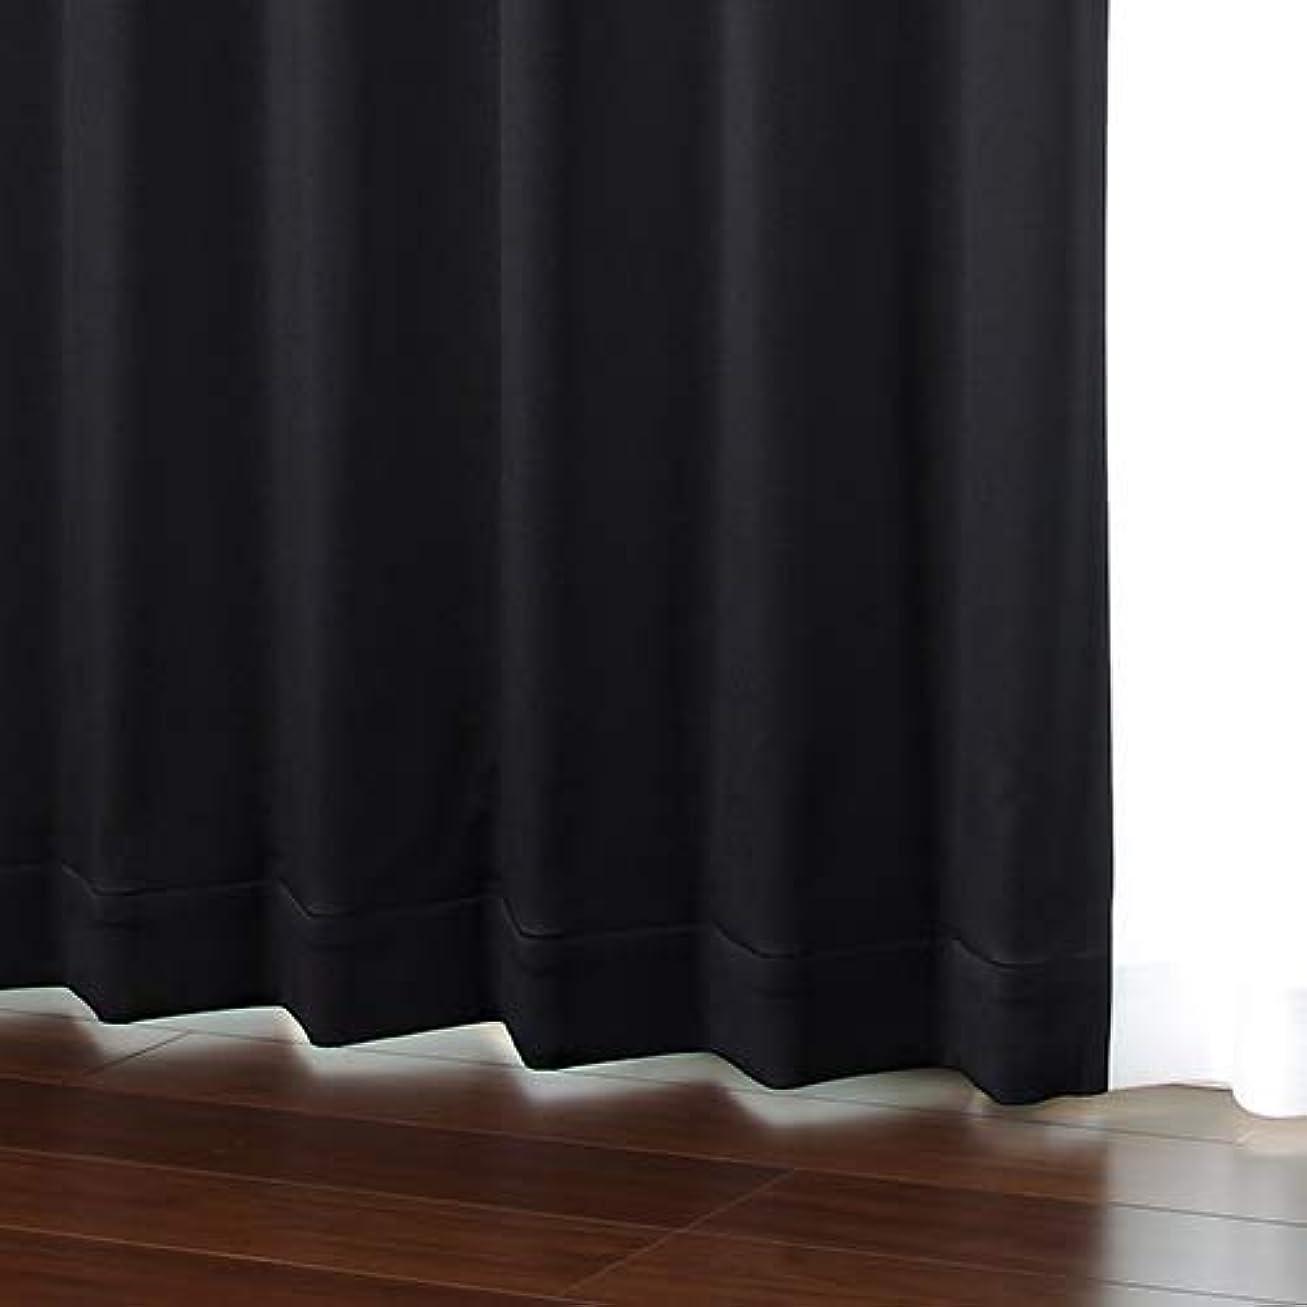 公演フェデレーション延ばす選べる32色 無地 1級遮光 防炎 オーダーカーテン「HAUSKA」ブラック【幅110cm 丈195cm 1枚入】